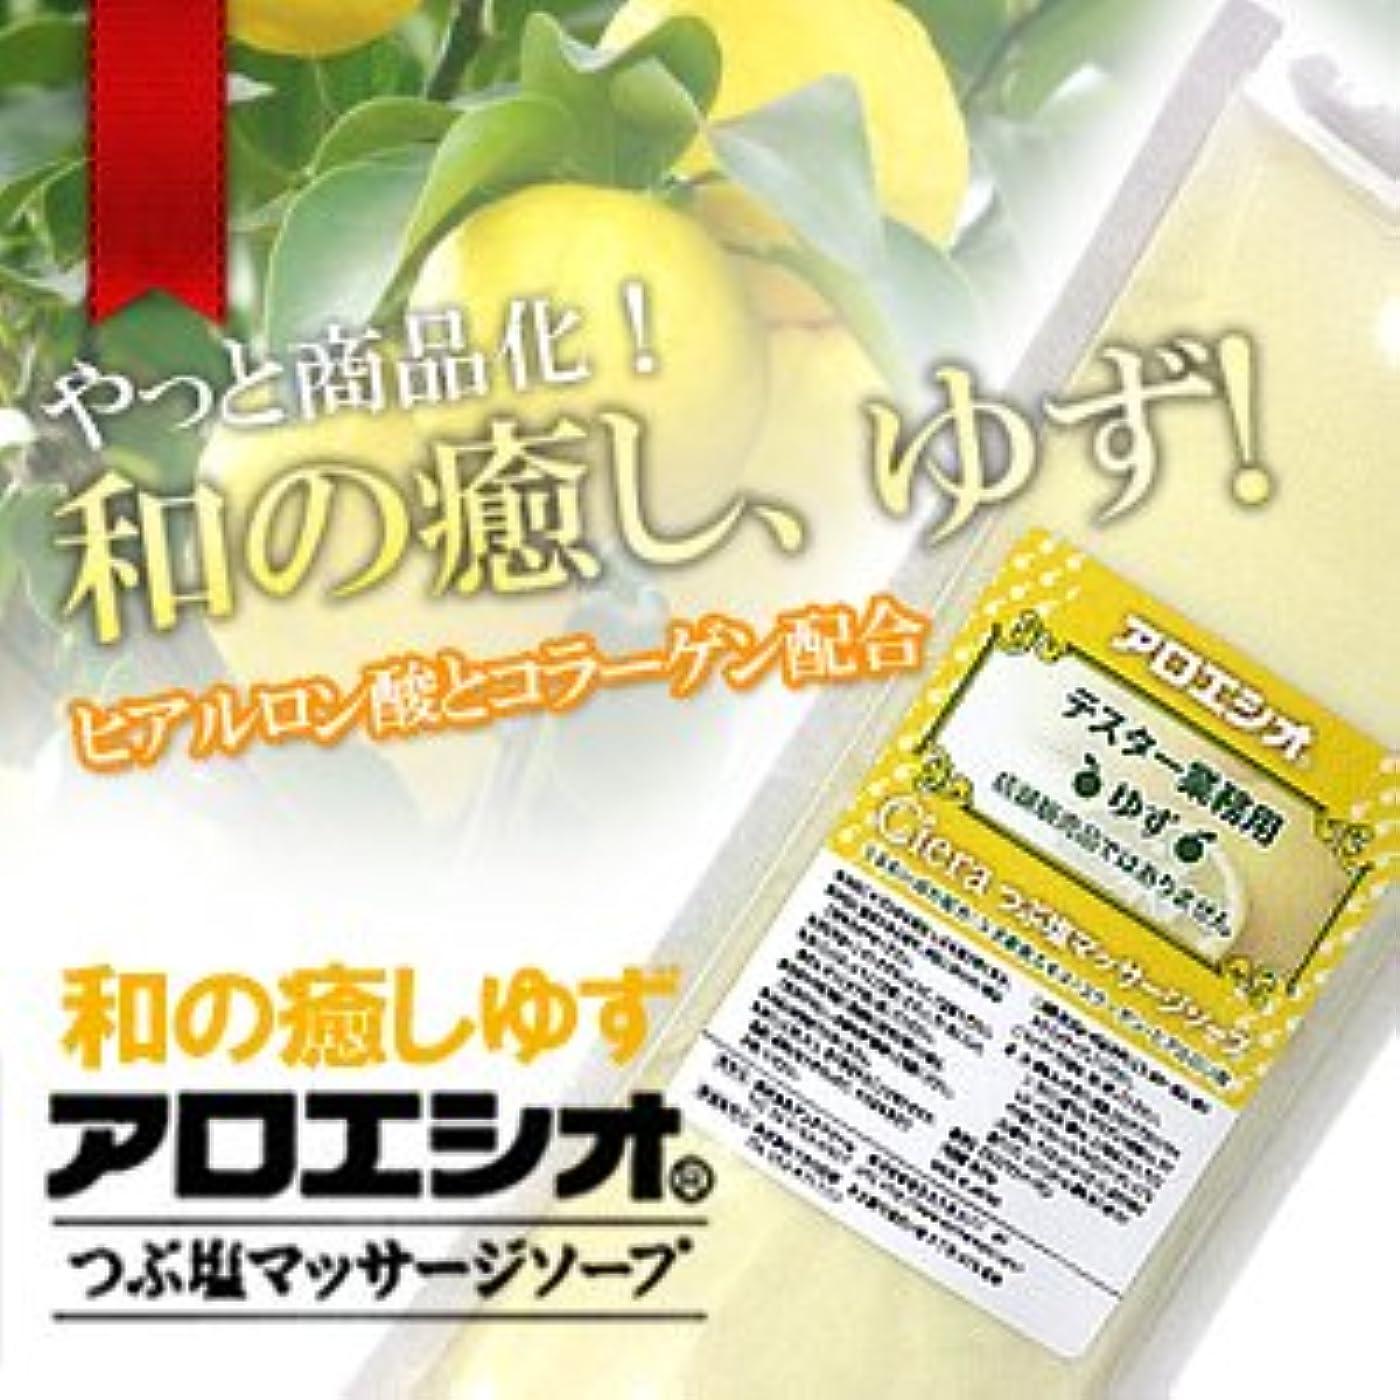 輝く薬用カウントアップゆず アロエ塩 800g つぶ塩マッサージソープ/フタバ化学 アロエシオ